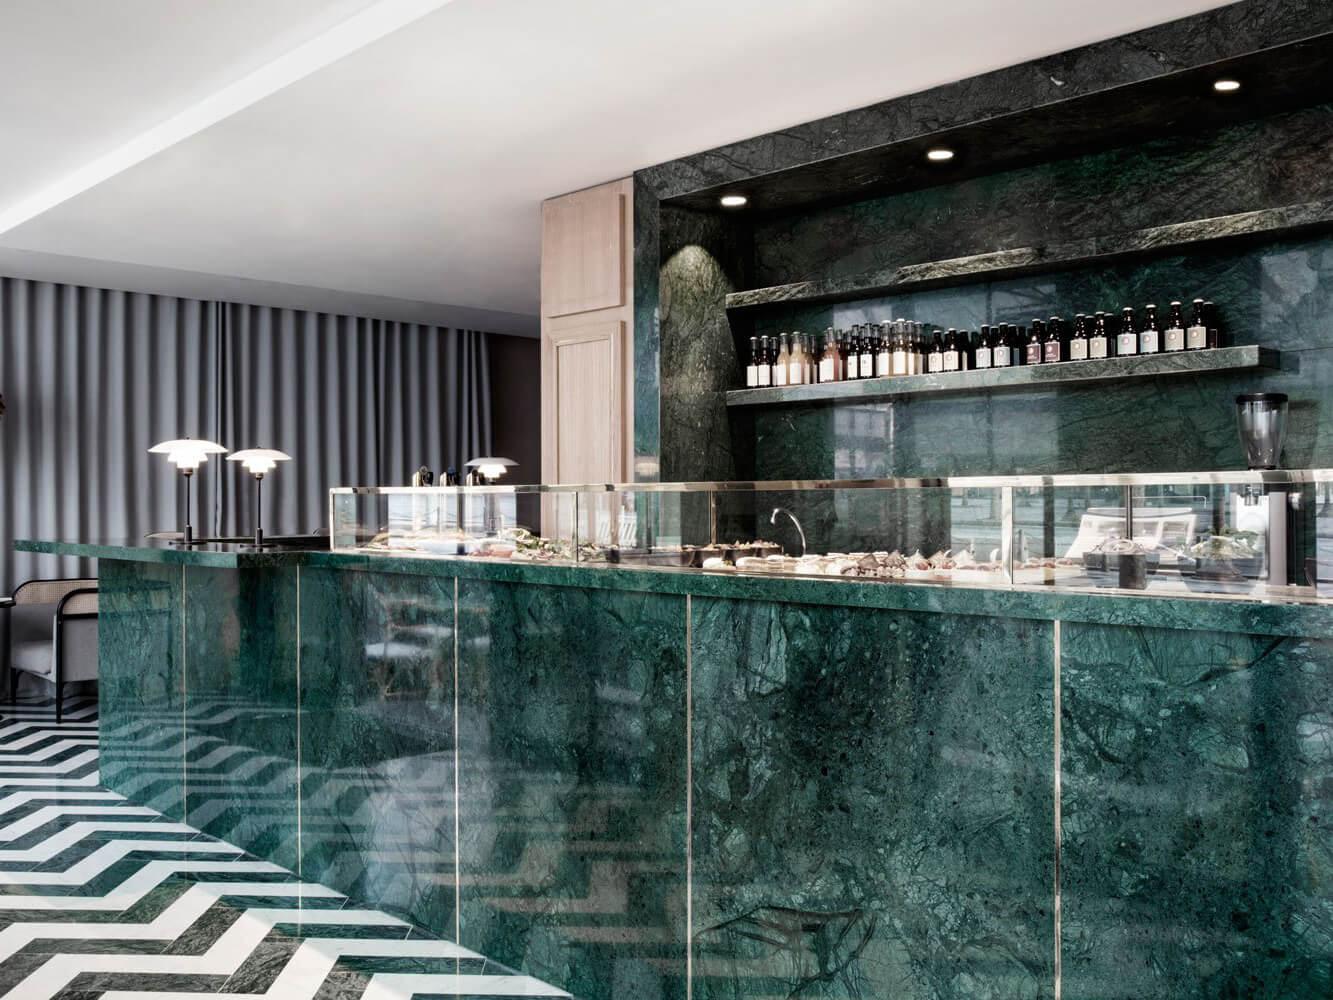 Quầy bar Đá Marble tự nhiên India Green (Xanh Napoli)